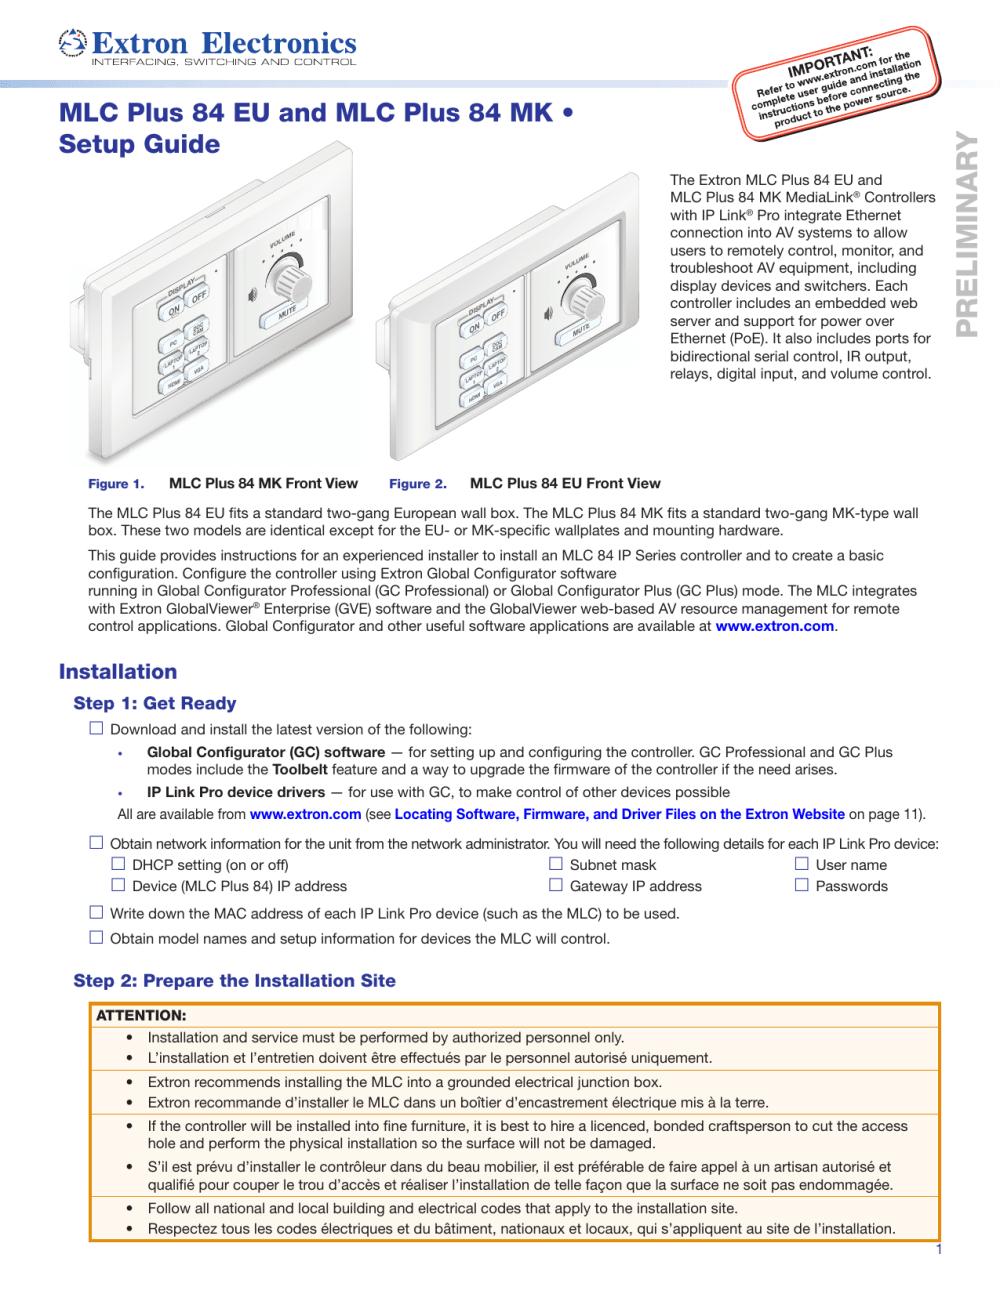 medium resolution of mlc plus 84 eu and mk setup guide